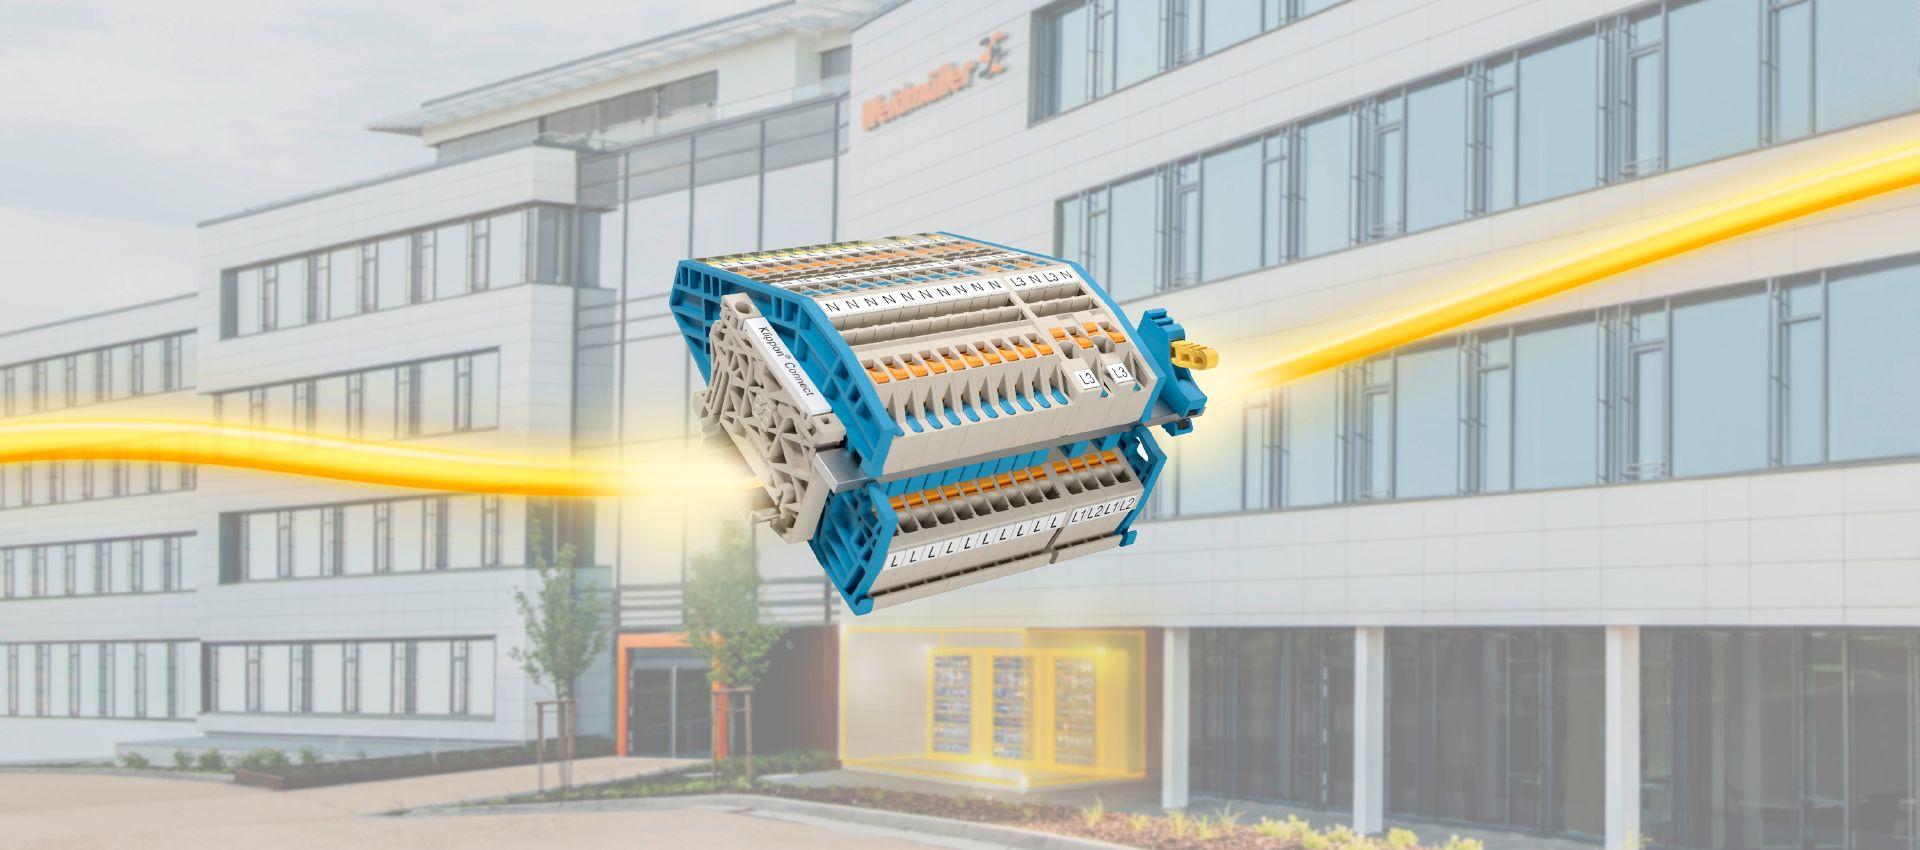 Svorkovnice Klippon® Connect AITB pro elektroinstalaci budov